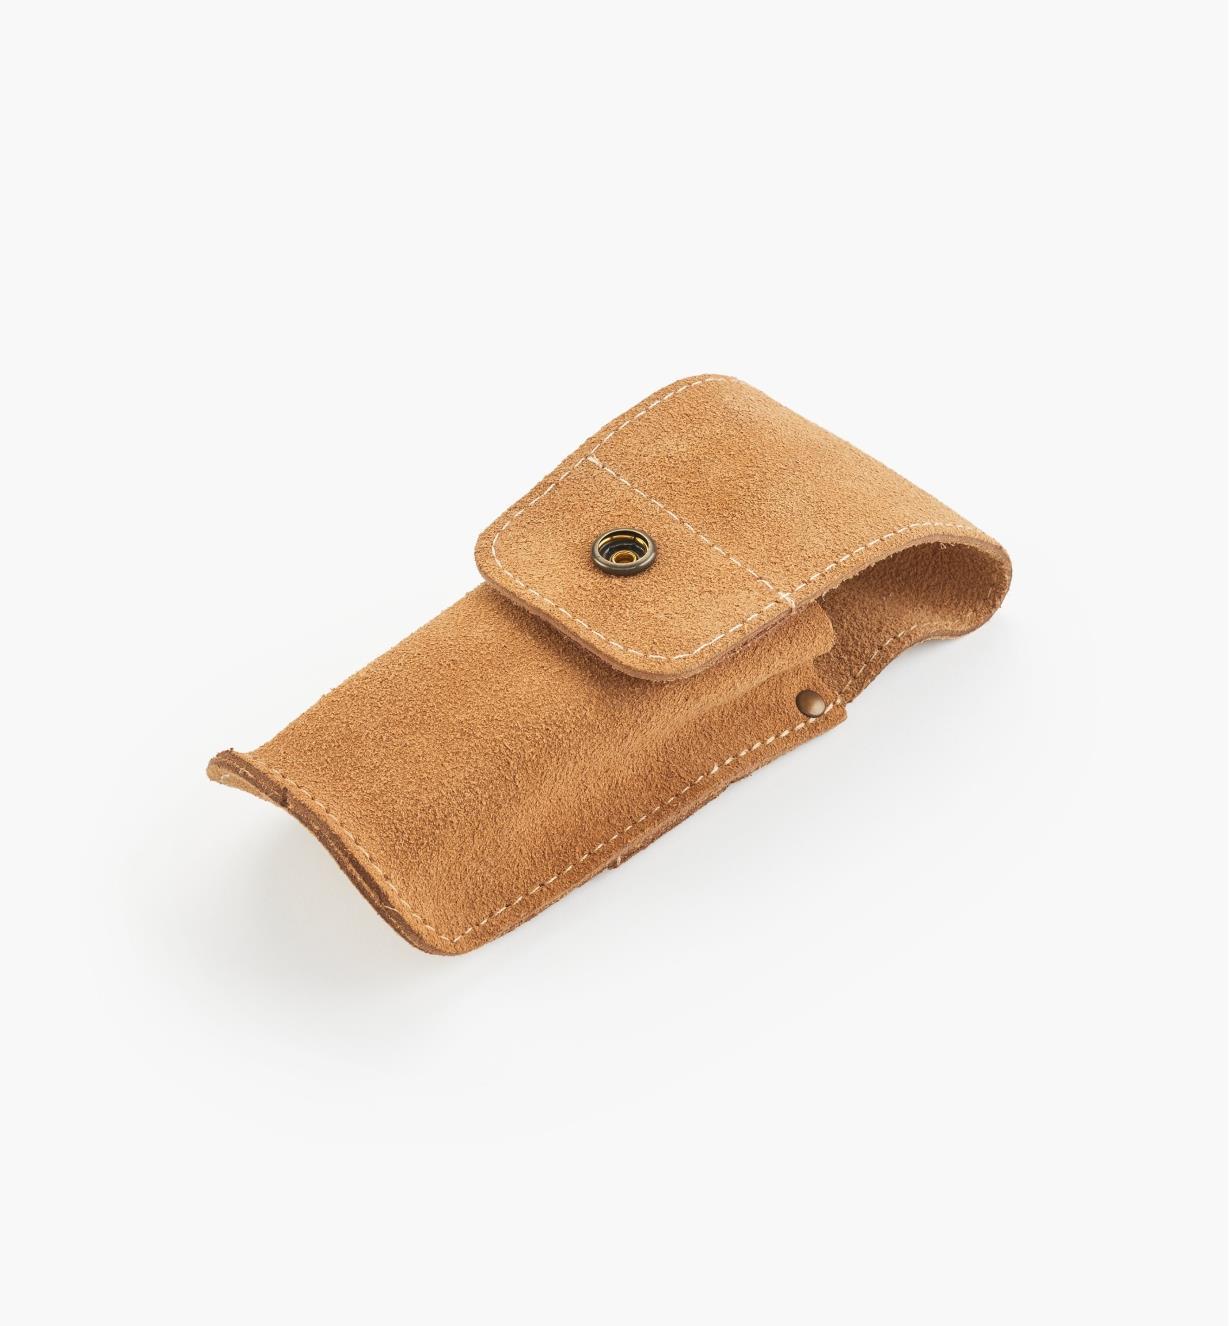 67K7316 - Étui en cuir pour rabot de poche